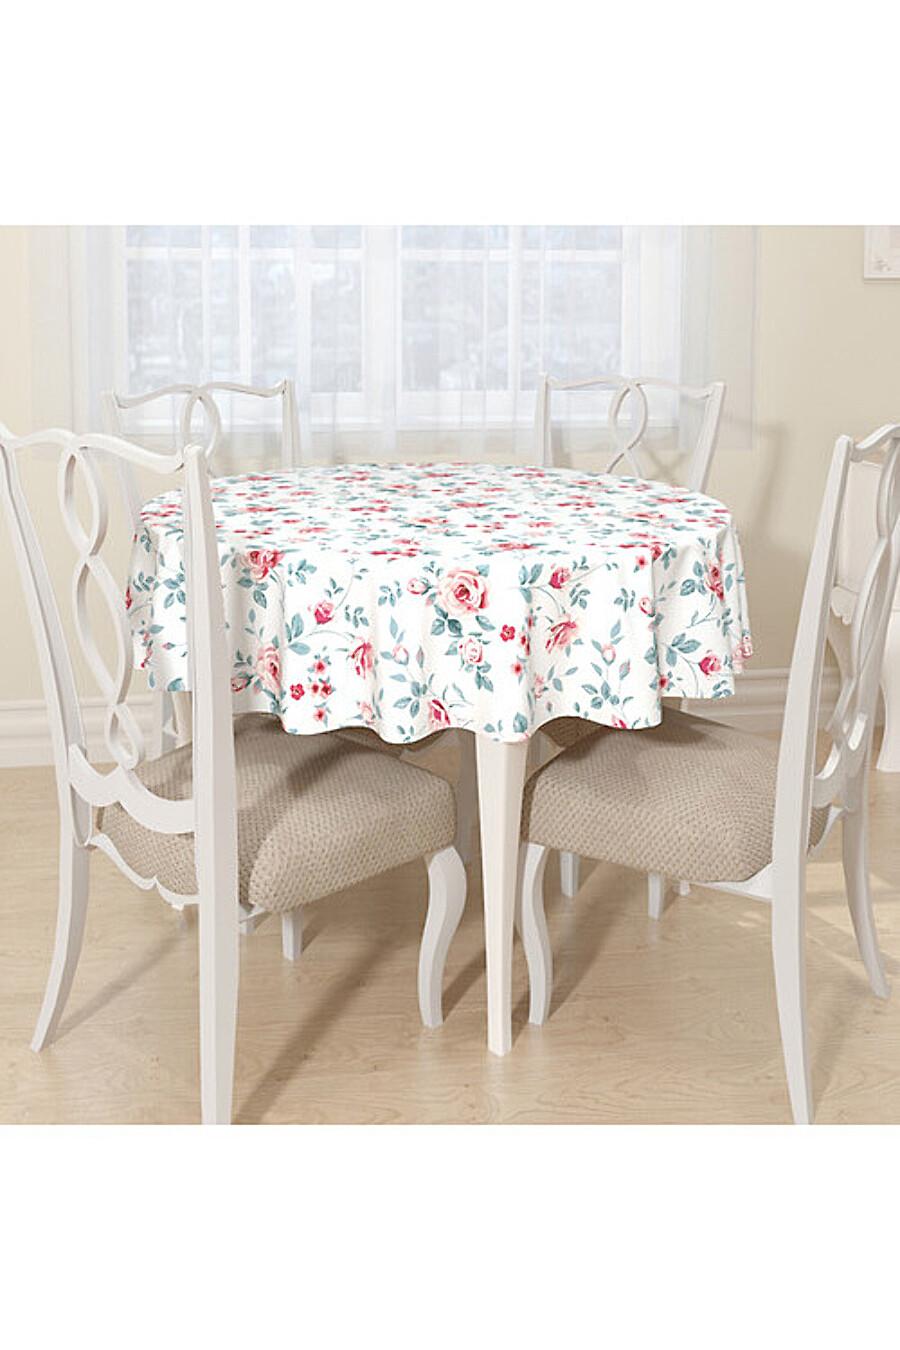 Скатерть для дома ART HOME TEXTILE 180350 купить оптом от производителя. Совместная покупка товаров для дома в OptMoyo